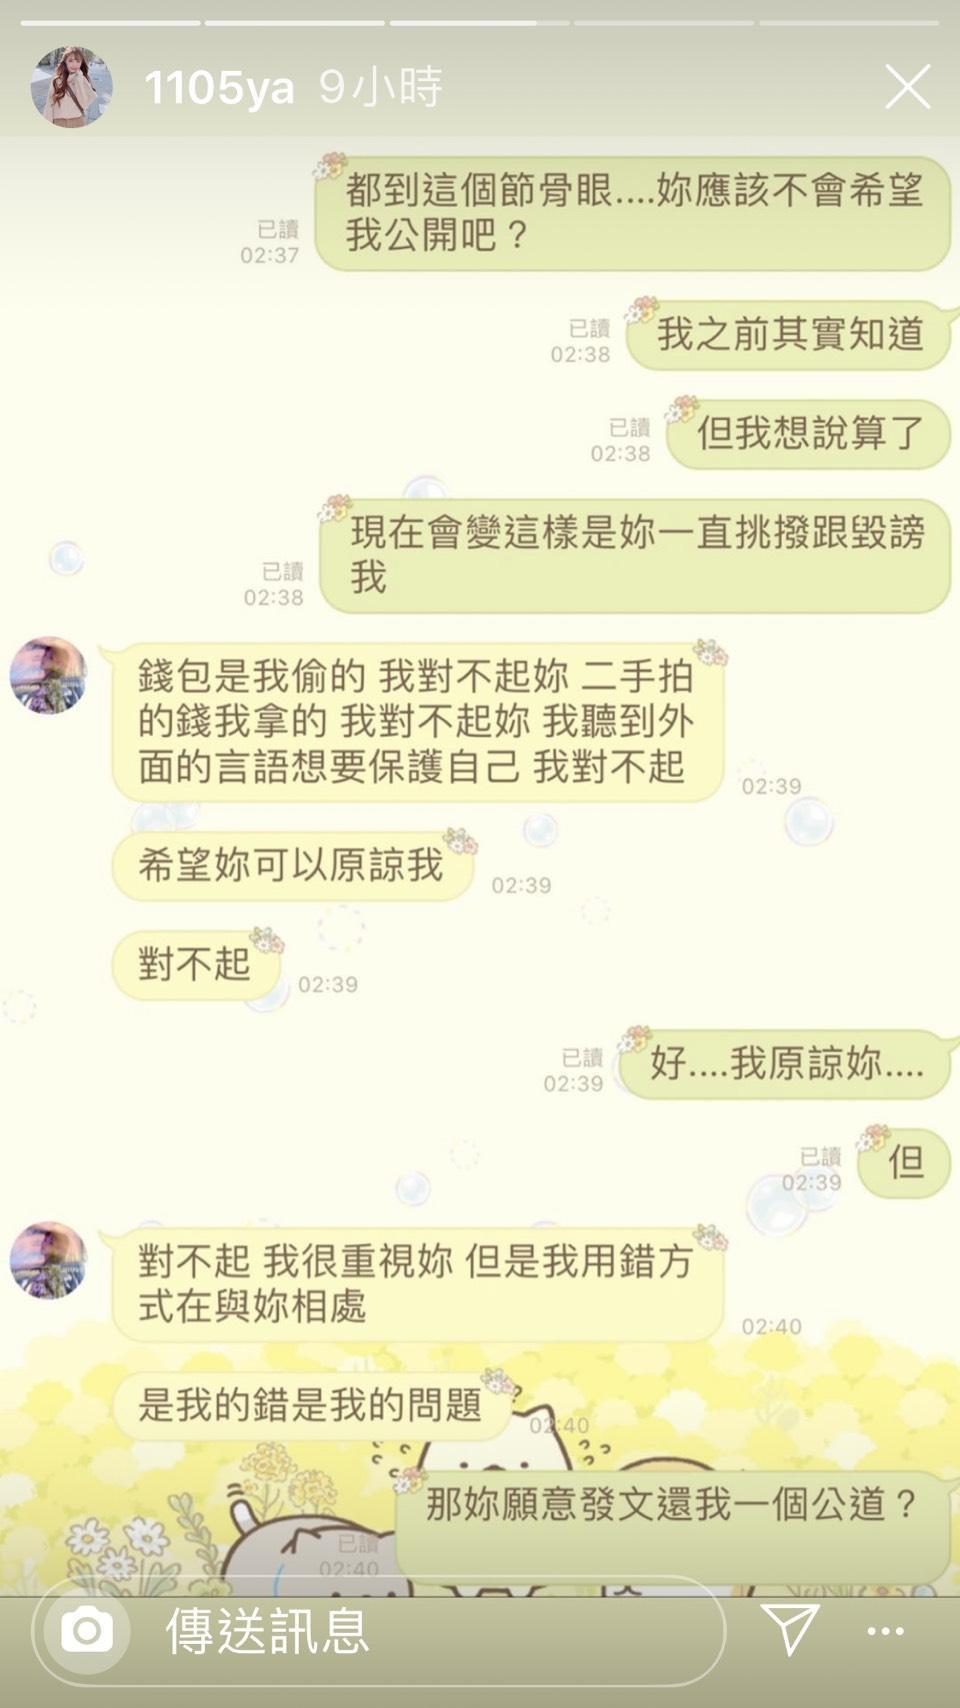 元元po出和Mia對話紀錄截圖,證實Mia坦承偷竊。(翻攝自元元IG)